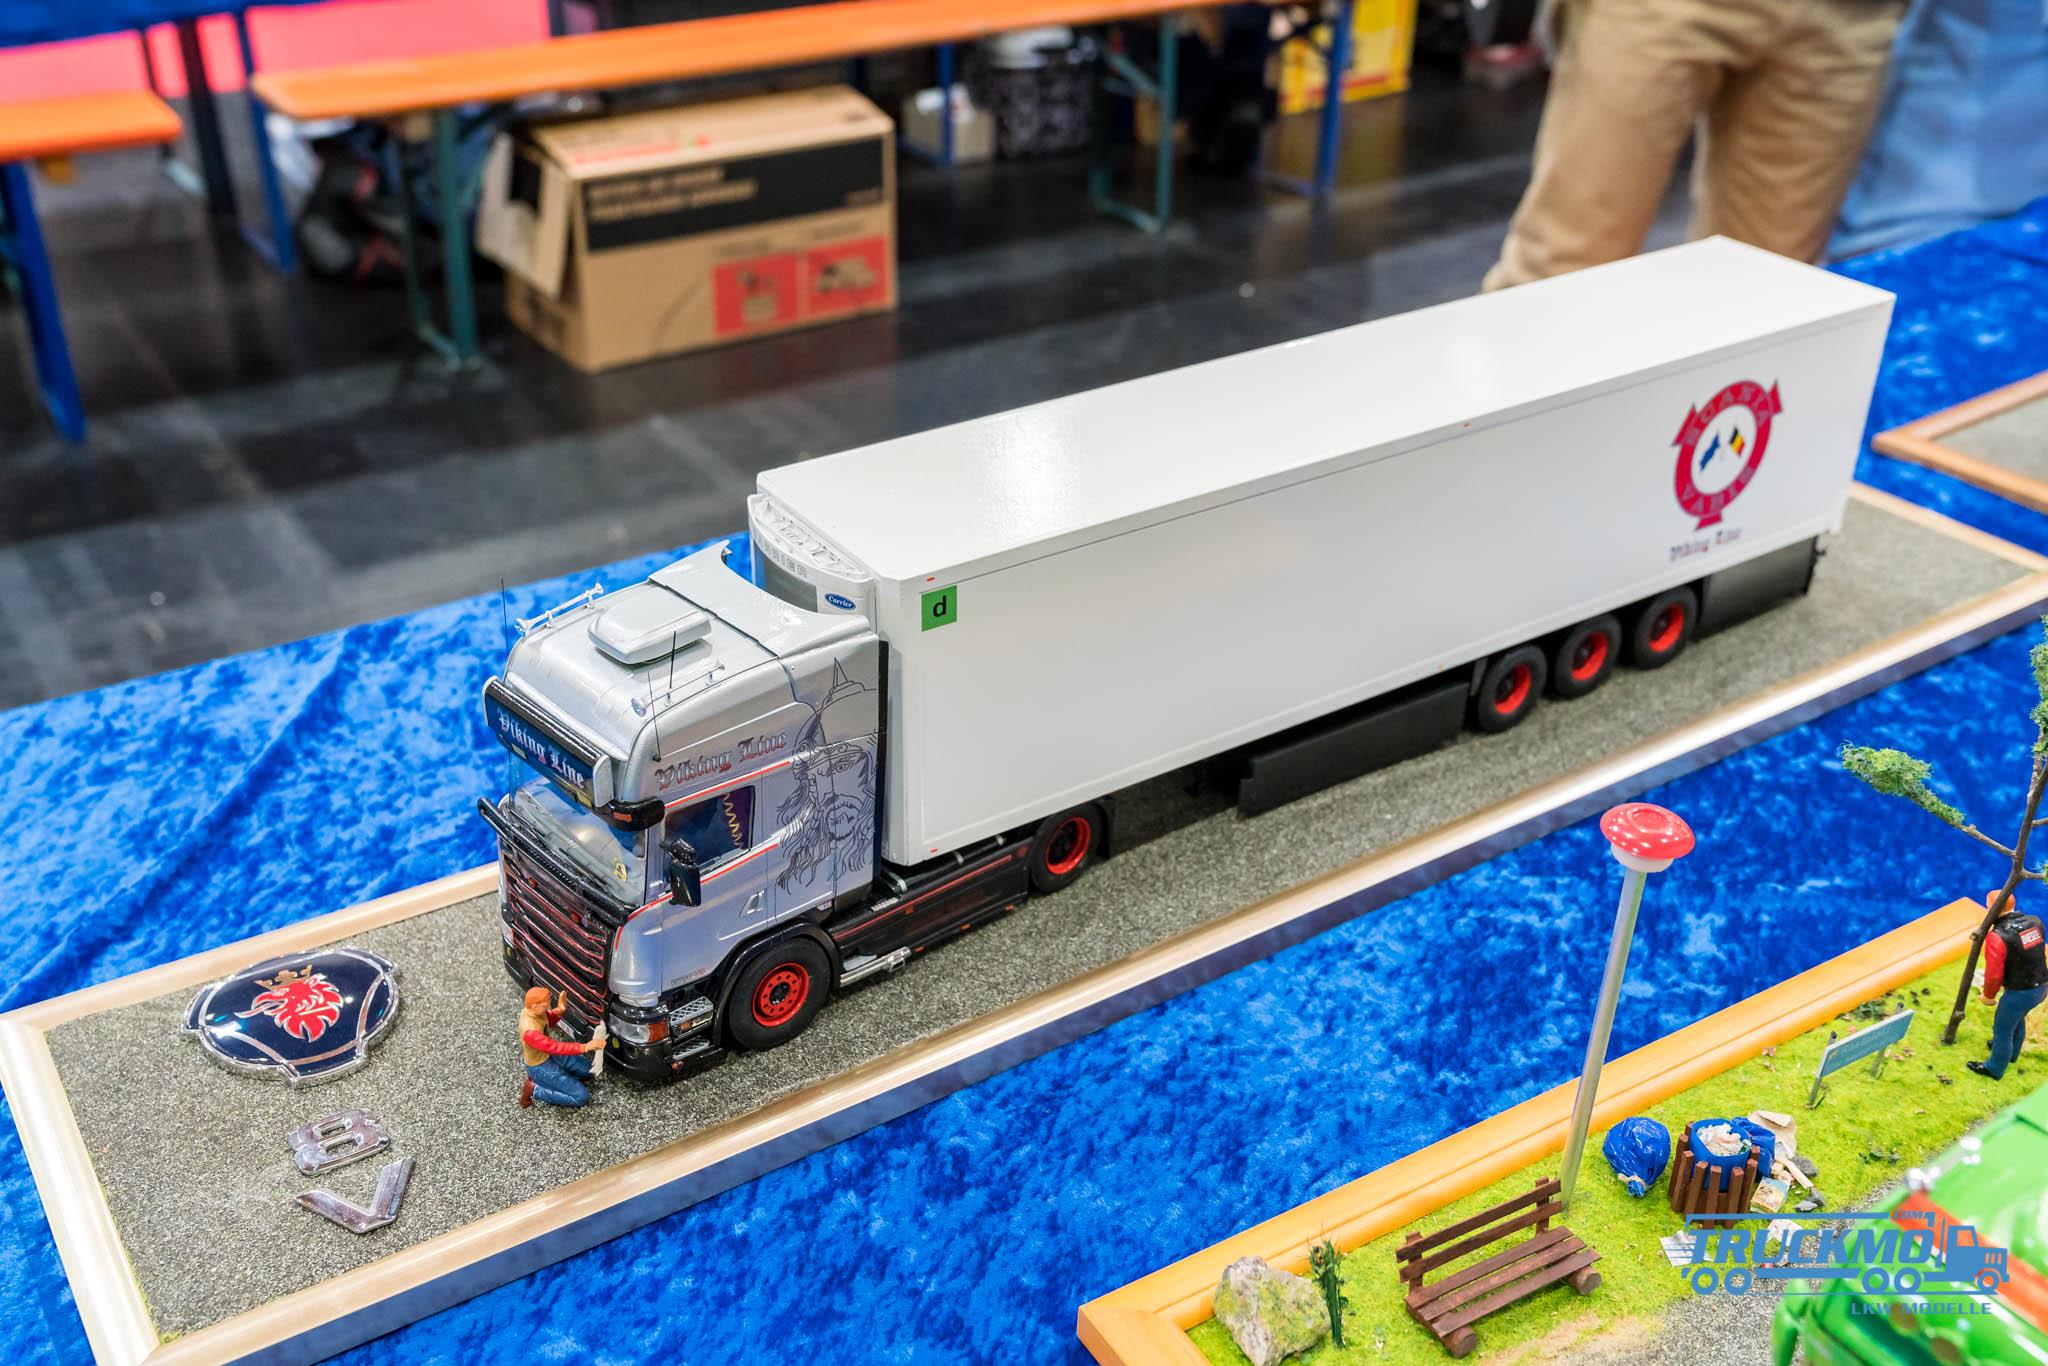 Truckmo_Modellbau_Ried_2017_Herpa_Messe_Modellbauausstellung (319 von 1177)